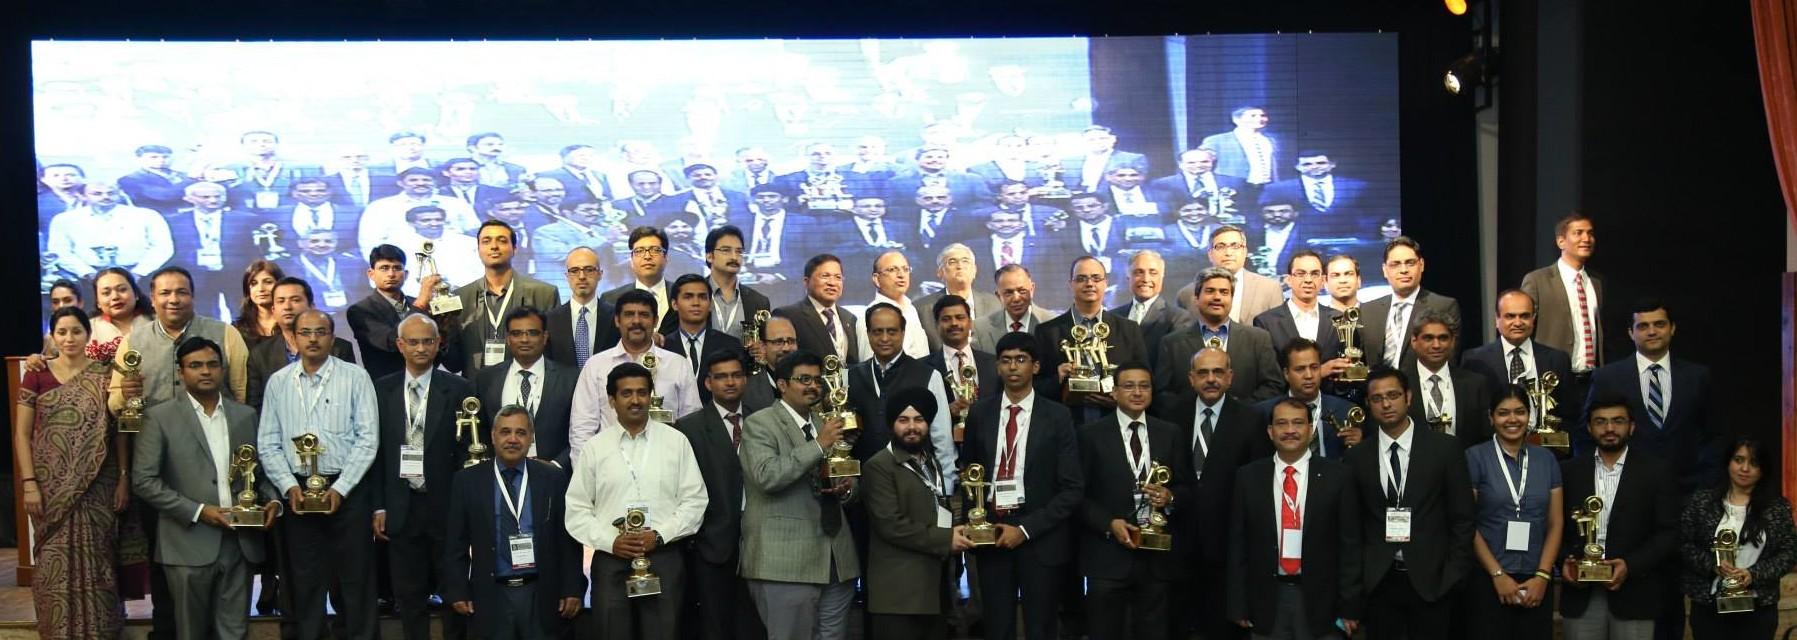 Aegis Graham Bell Awards 2015 Winners